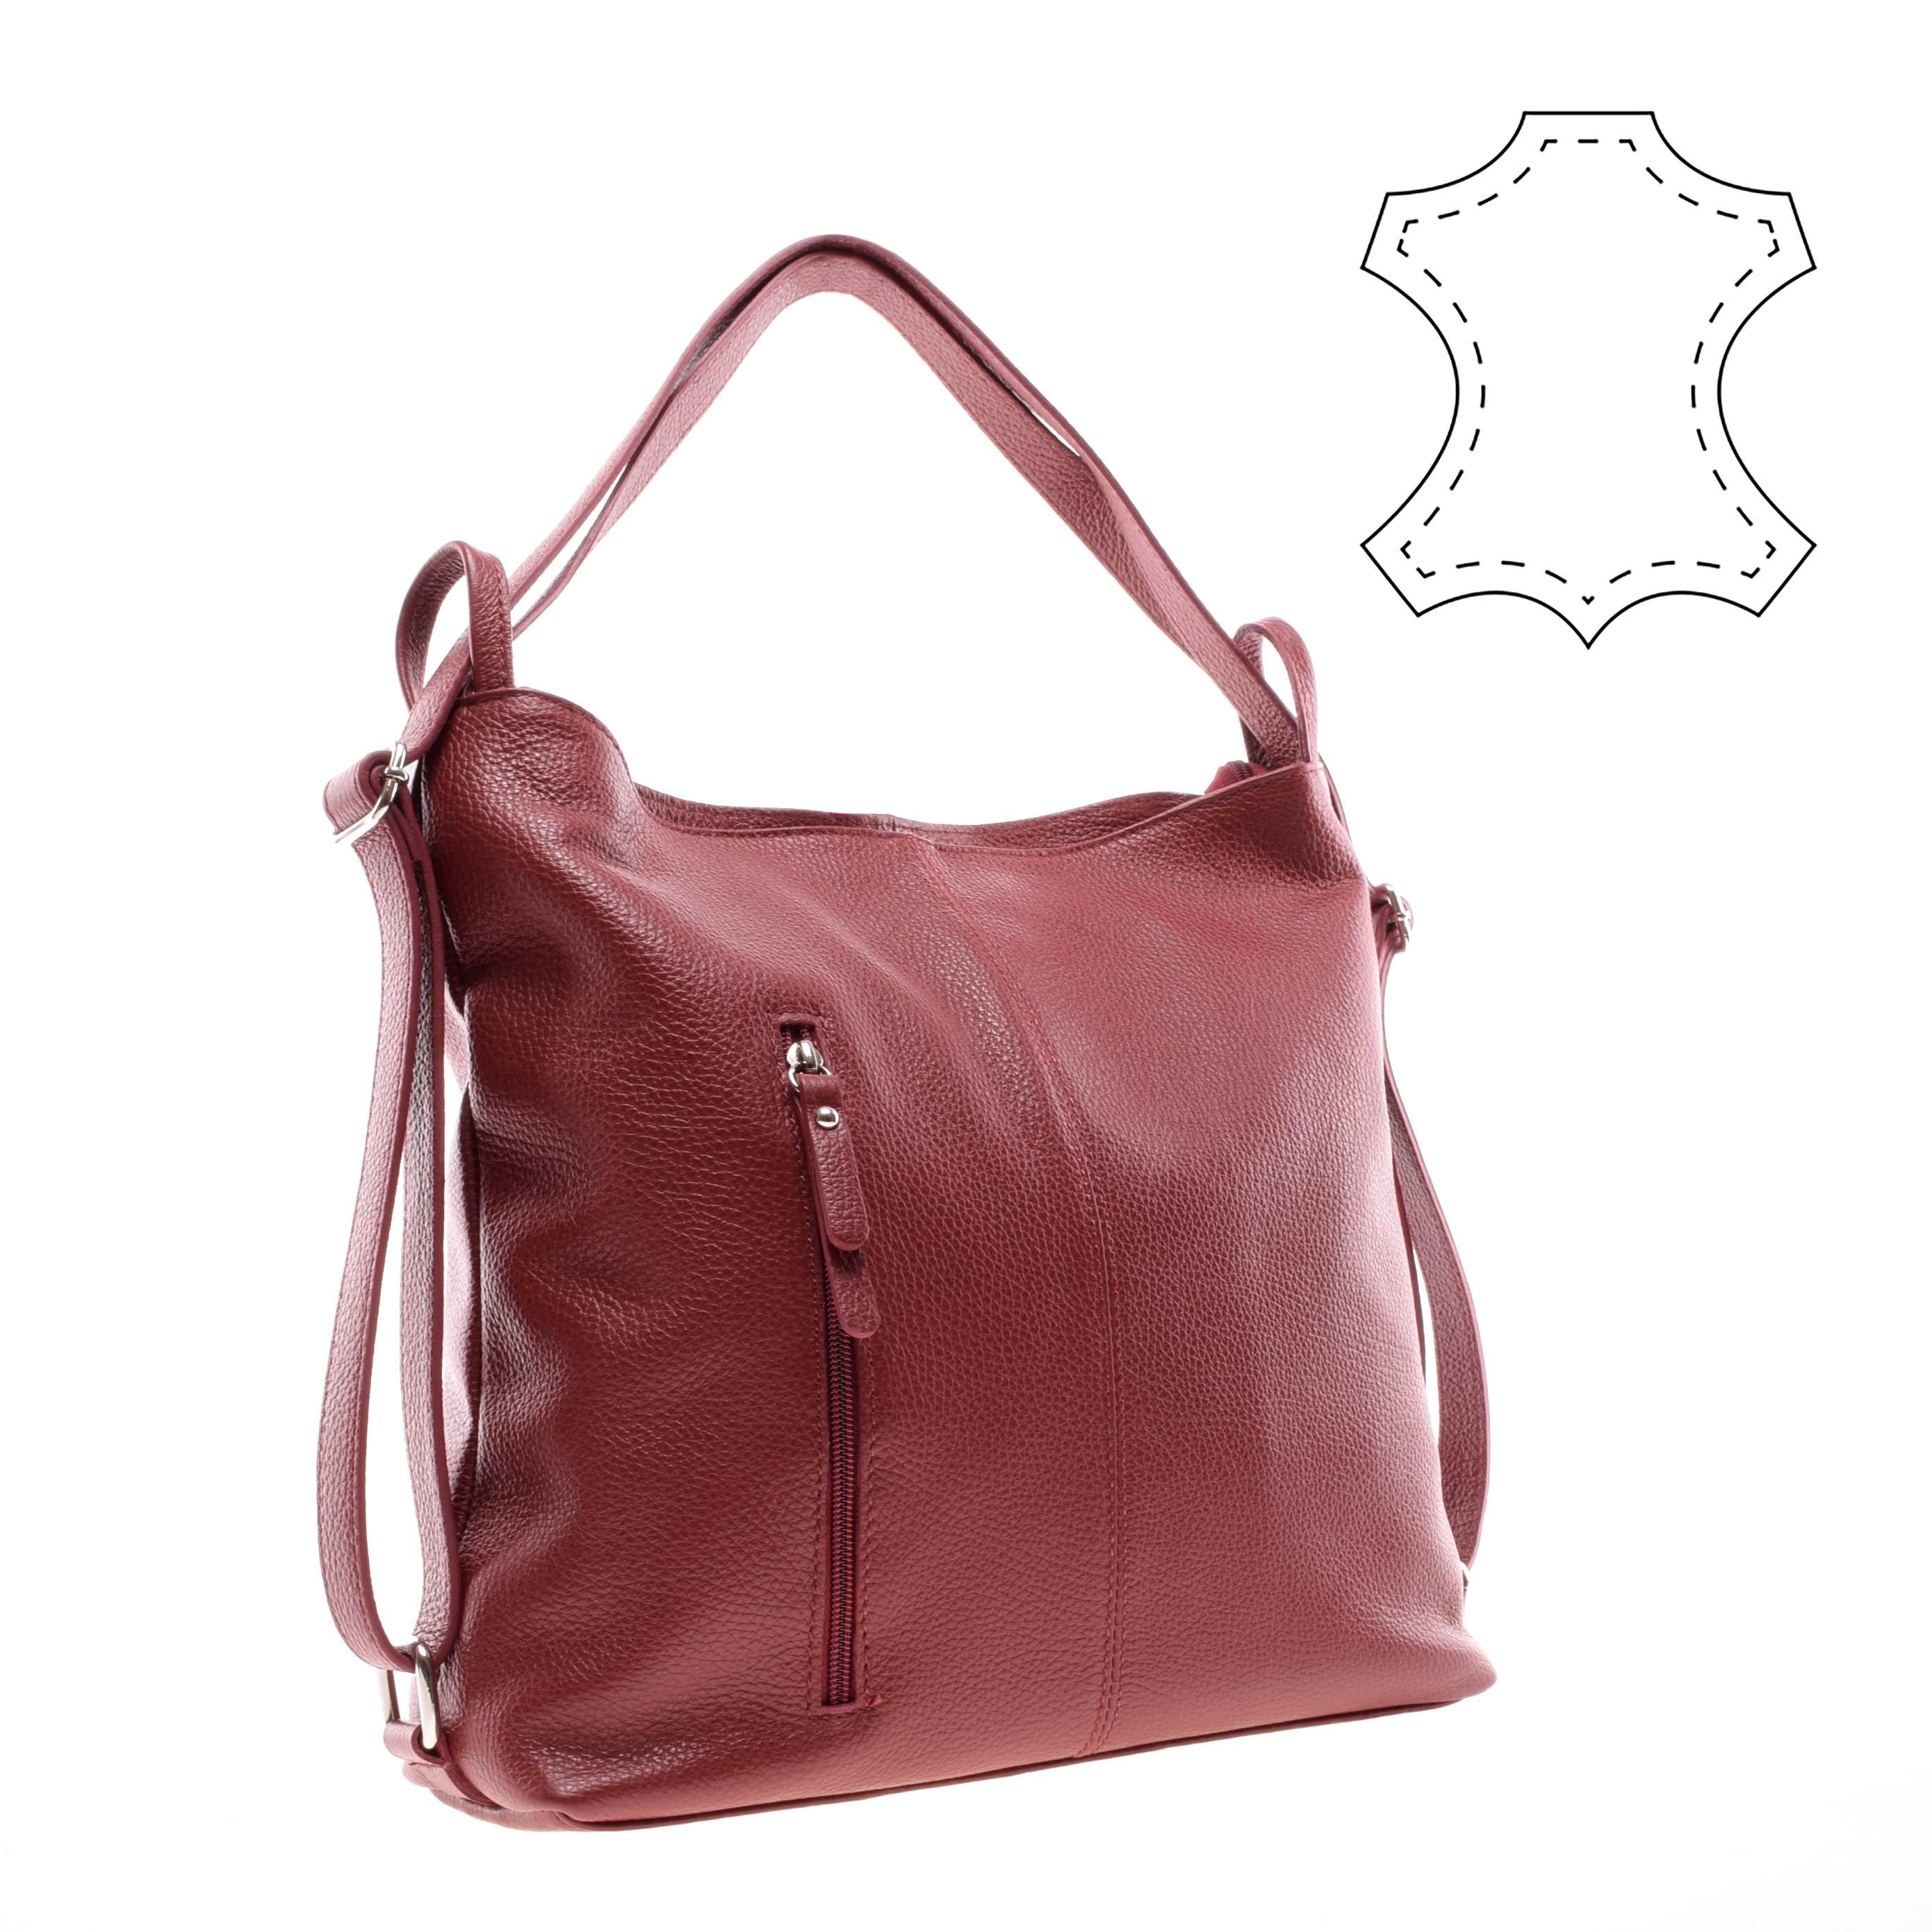 Női Bordó Bőr Átalakítható Válltáska - Válltáskák - Táska webáruház -  Minőségi táskák mindenkinek 86054622d4